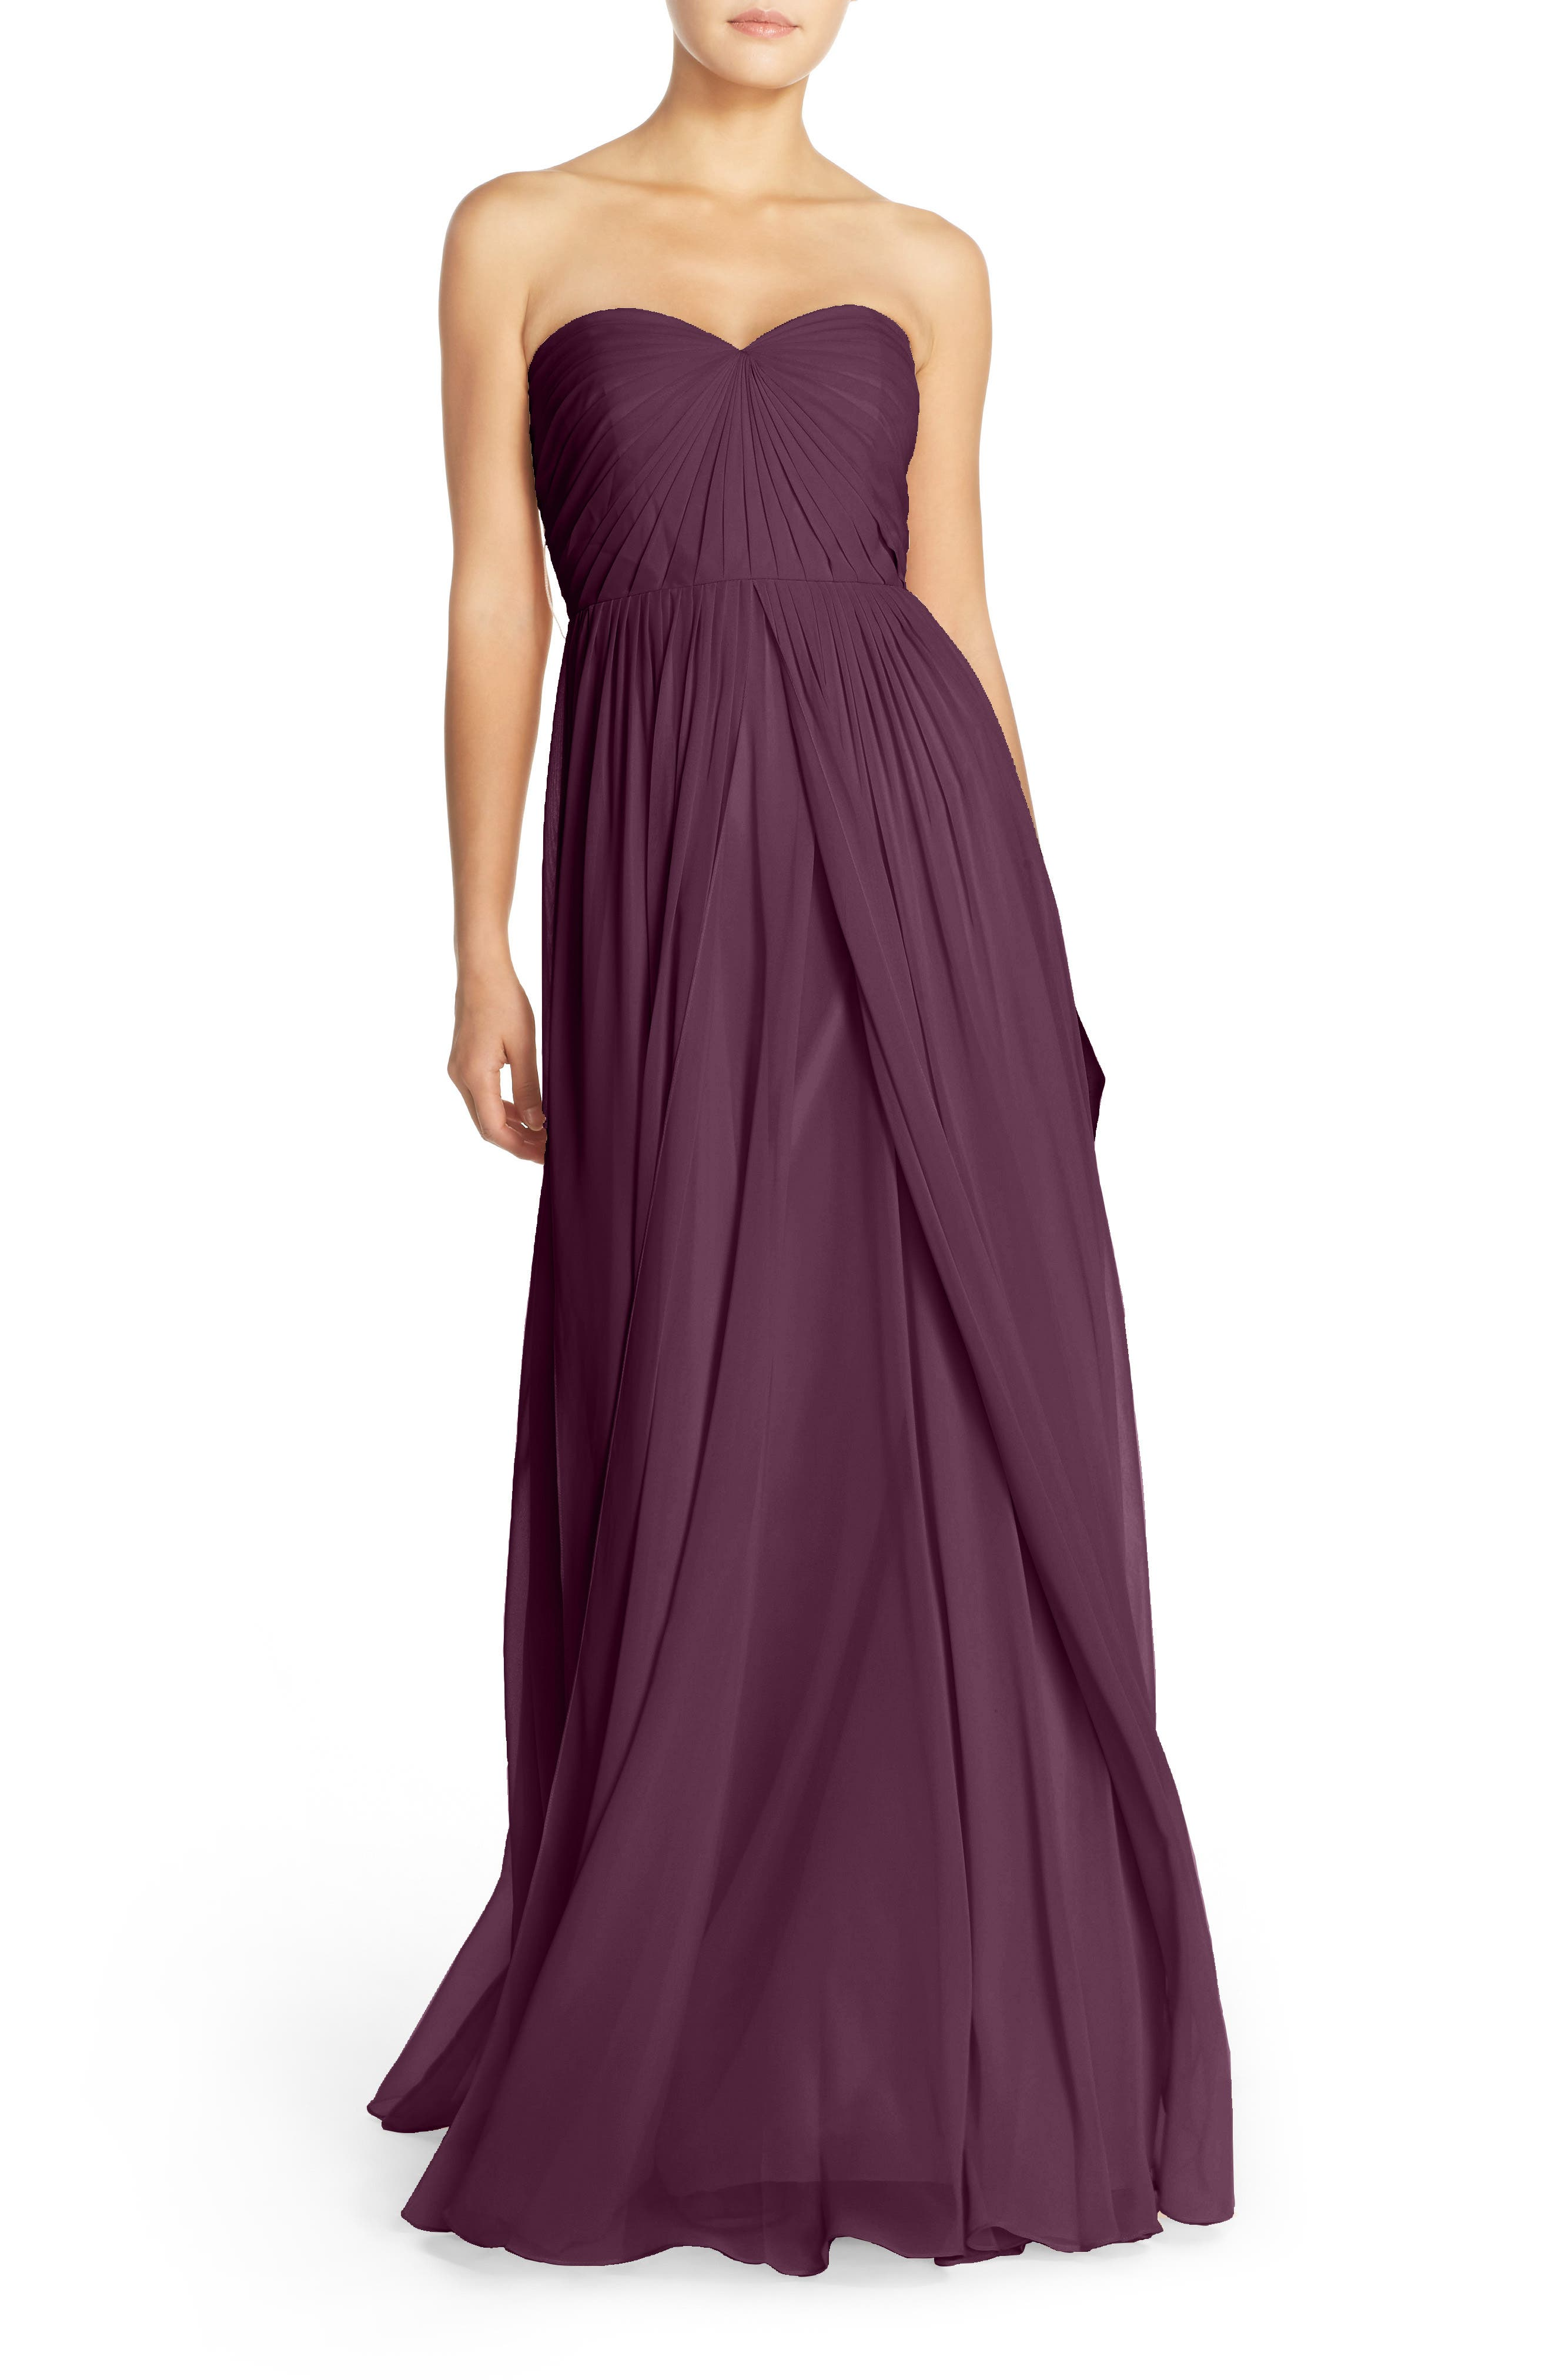 Jenny Yoo Mira Convertible Strapless Chiffon Gown, Burgundy